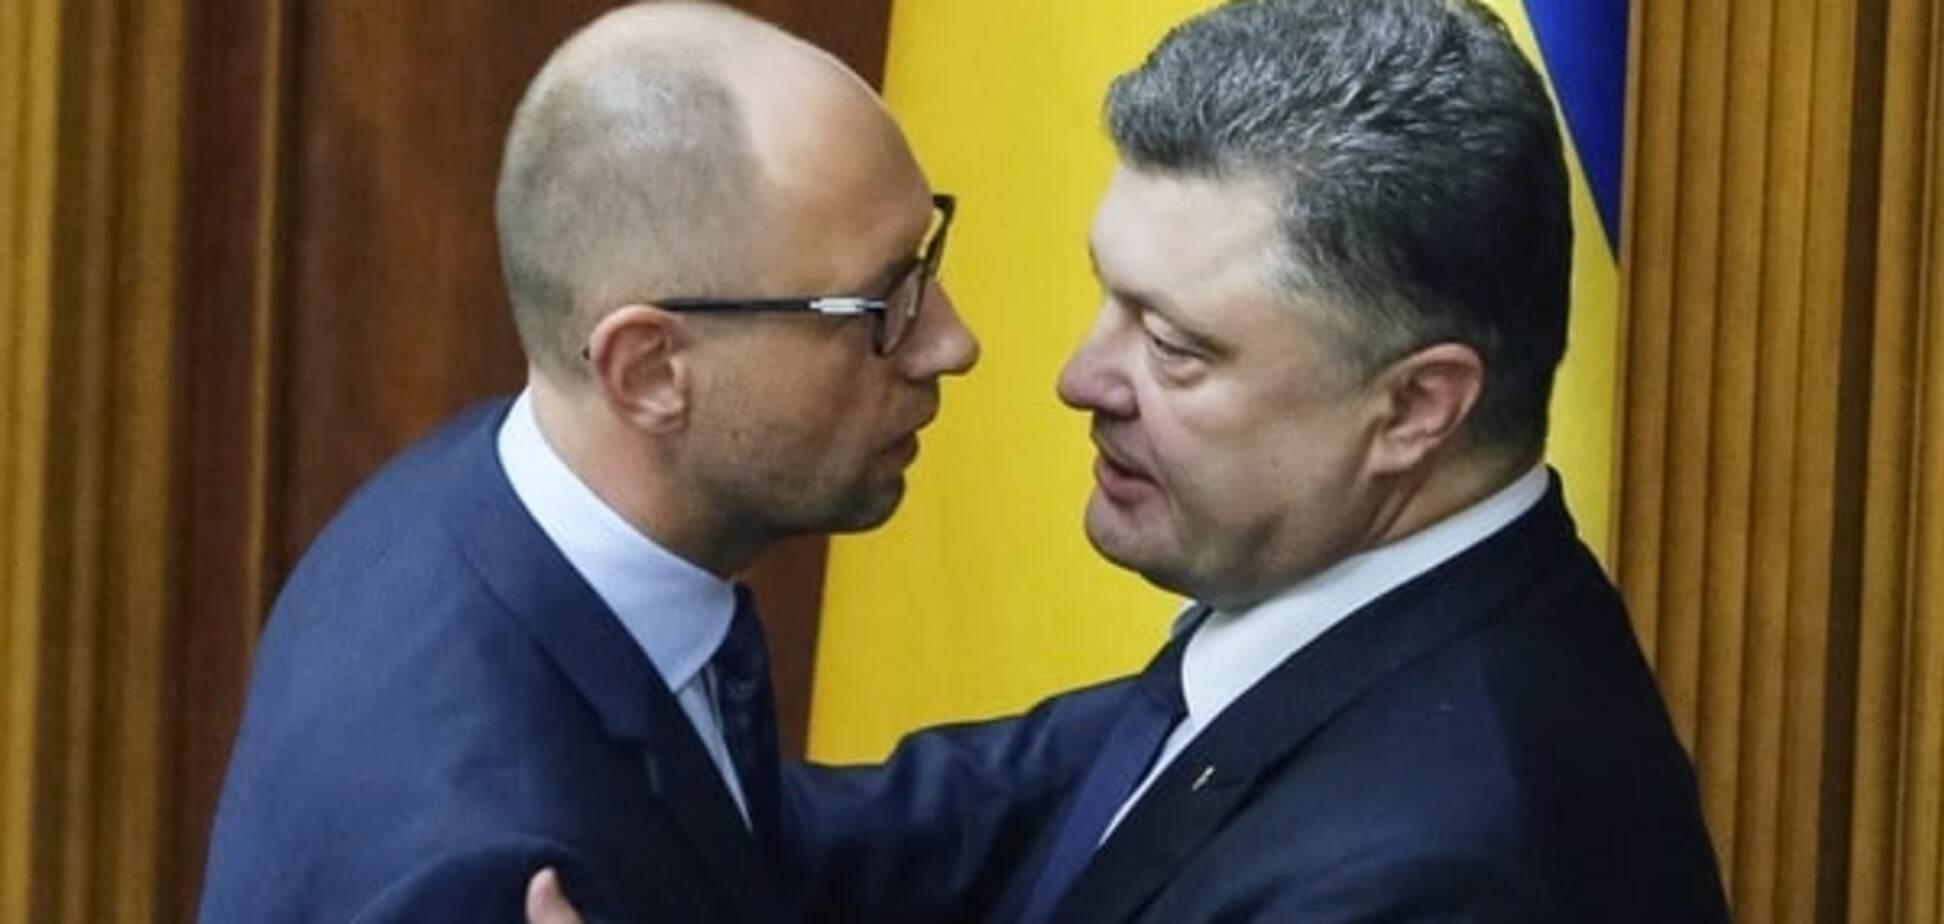 Політичний труп: експерт розповів, чим Яценюк вигідний для Порошенка